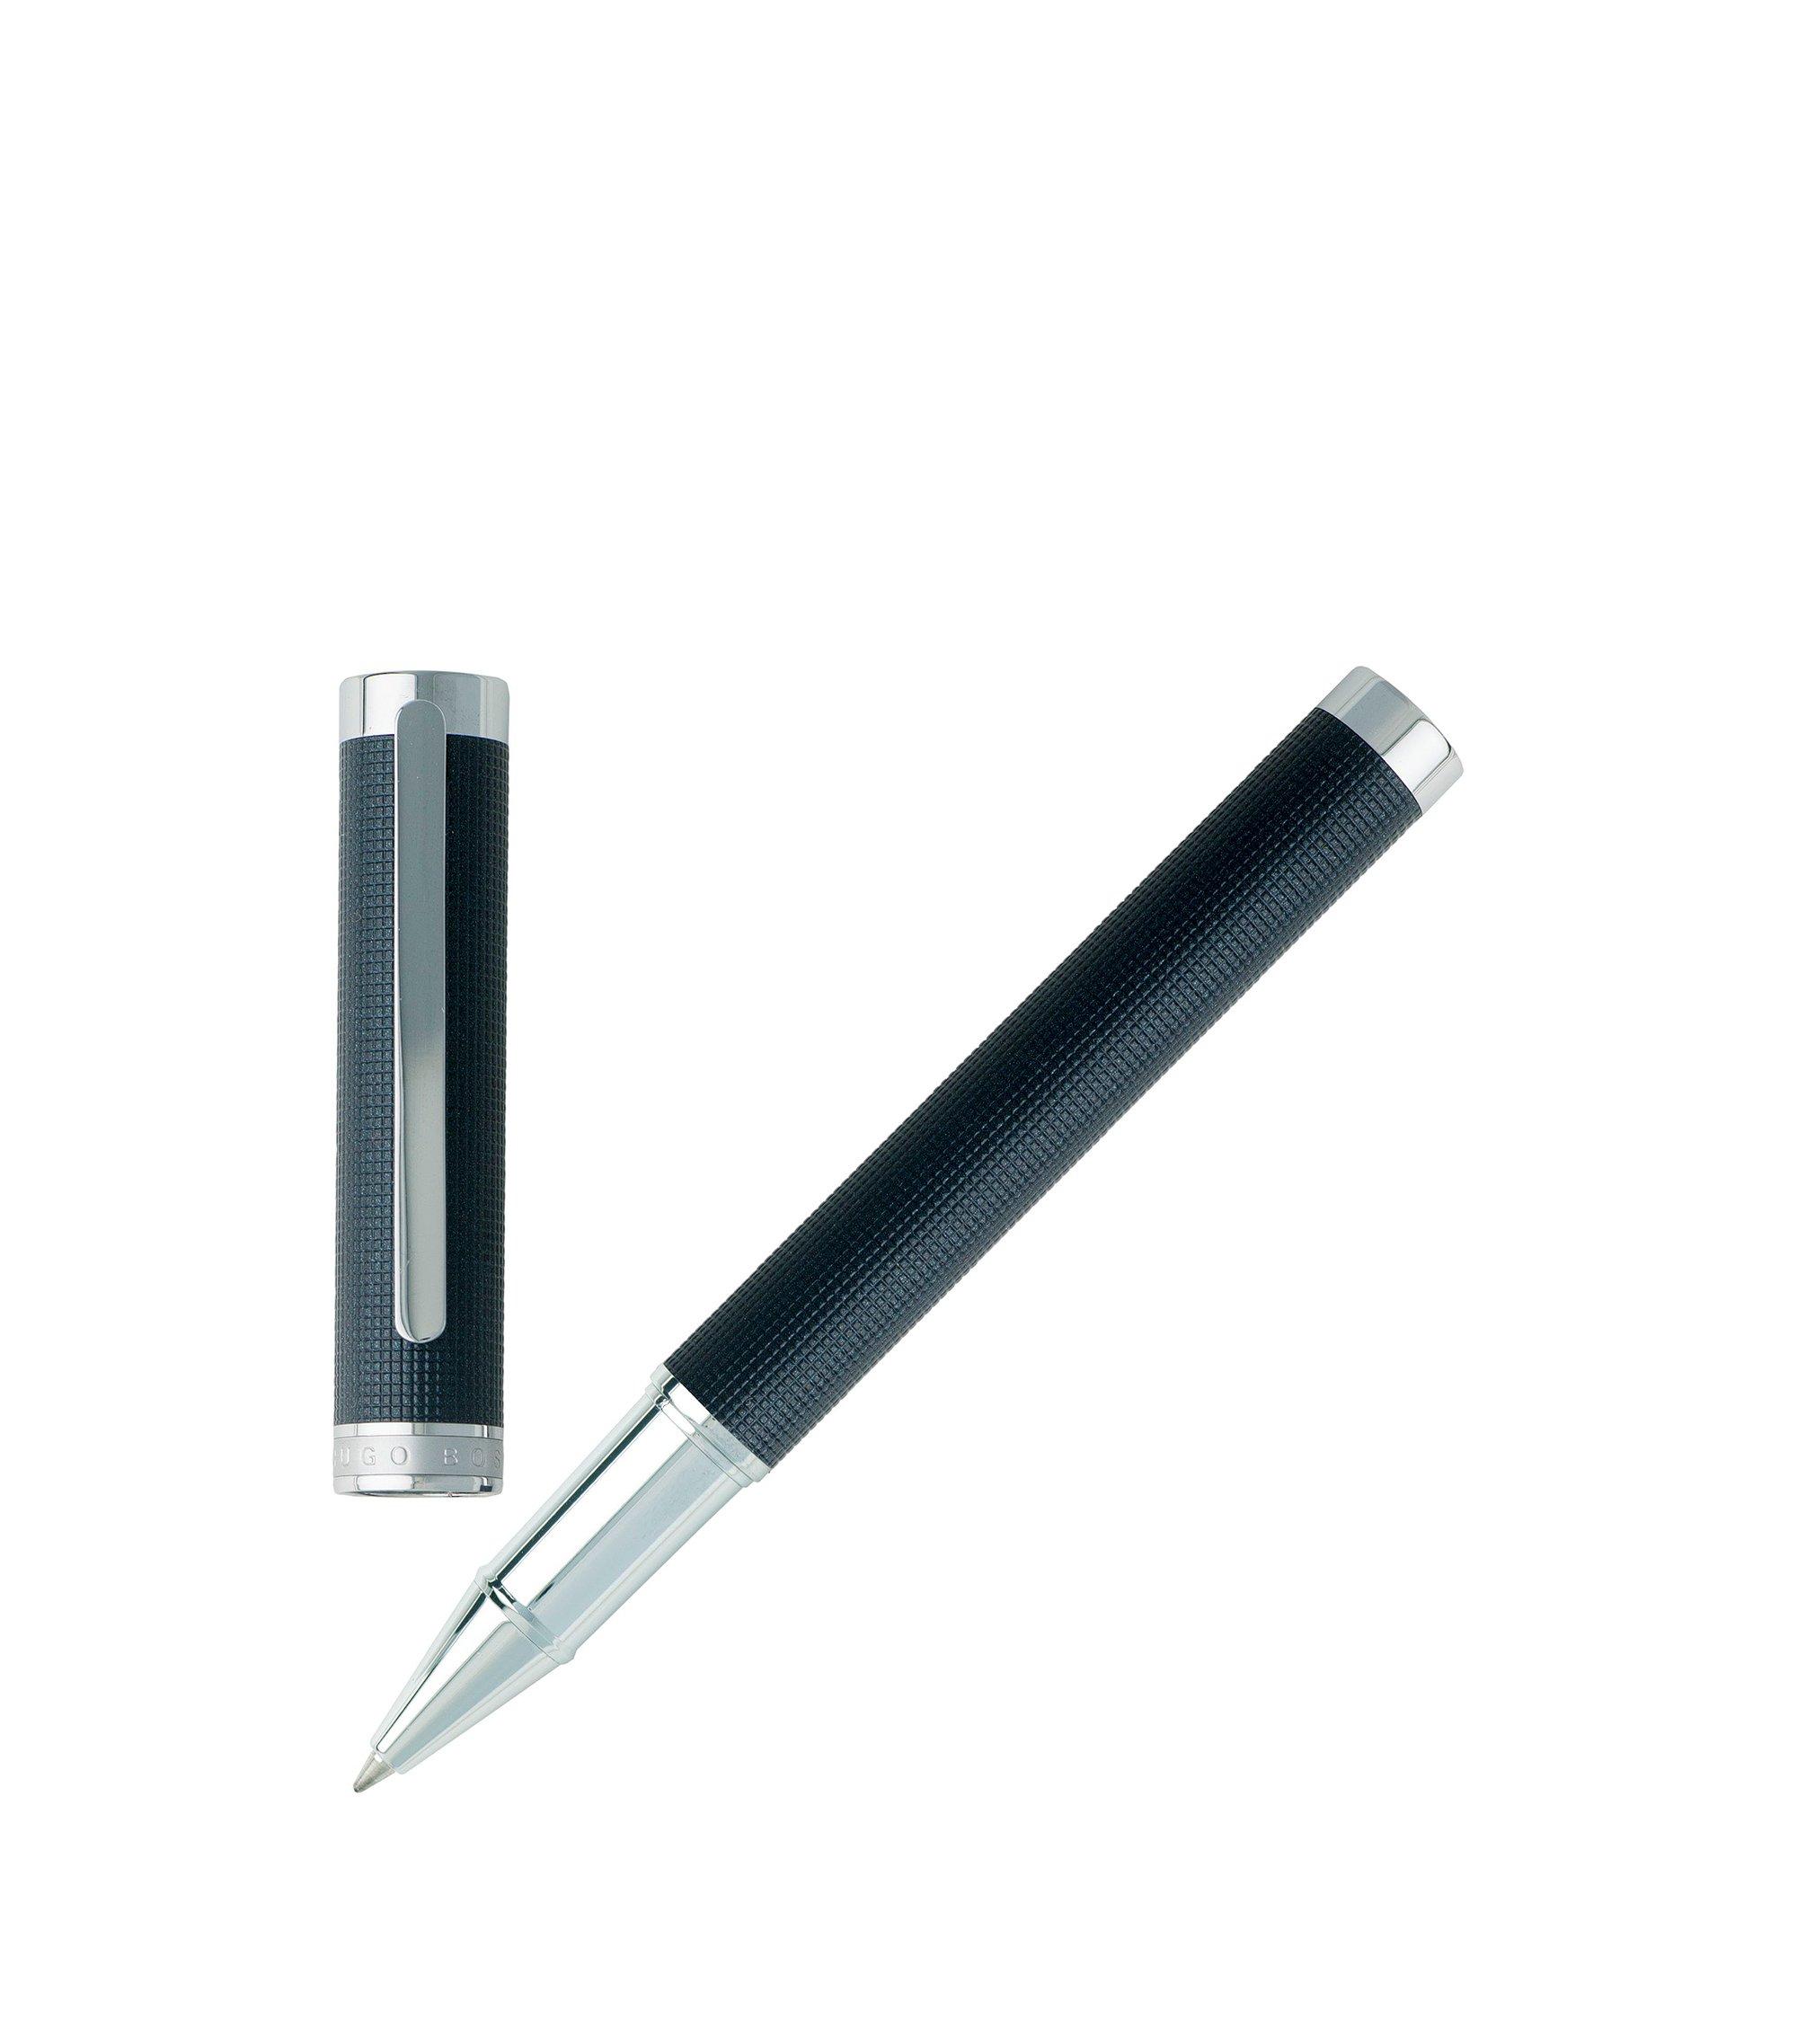 Bolígrafo de latón con revestimiento cromado y textura de color azul oscuro, Plata